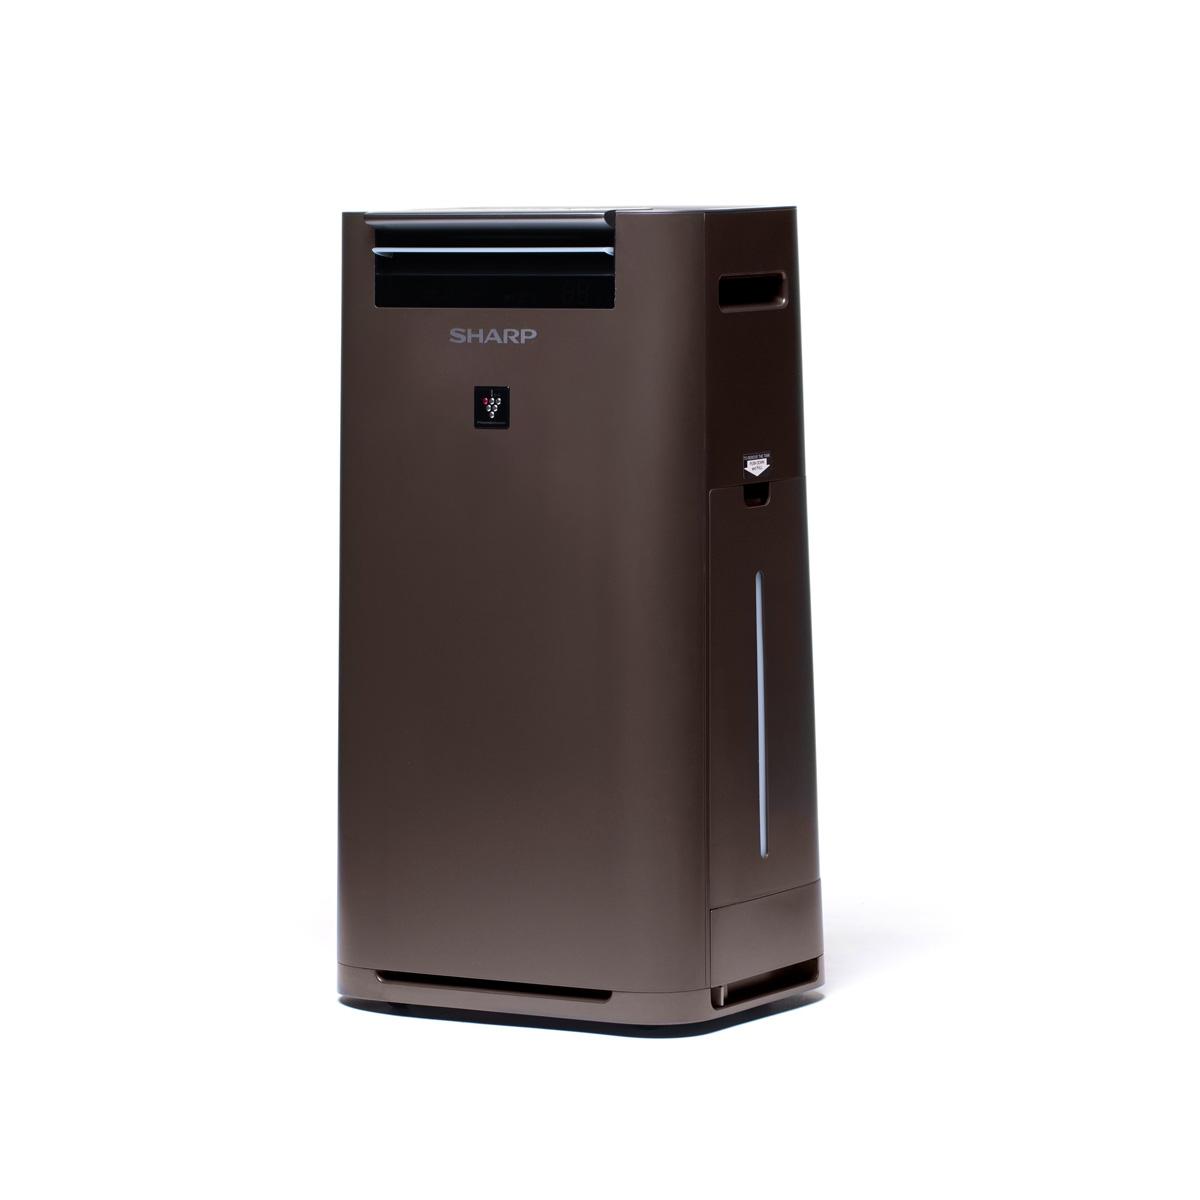 UA-HG40E-T oczyszcacz powietrza z nawilżaczem sharp